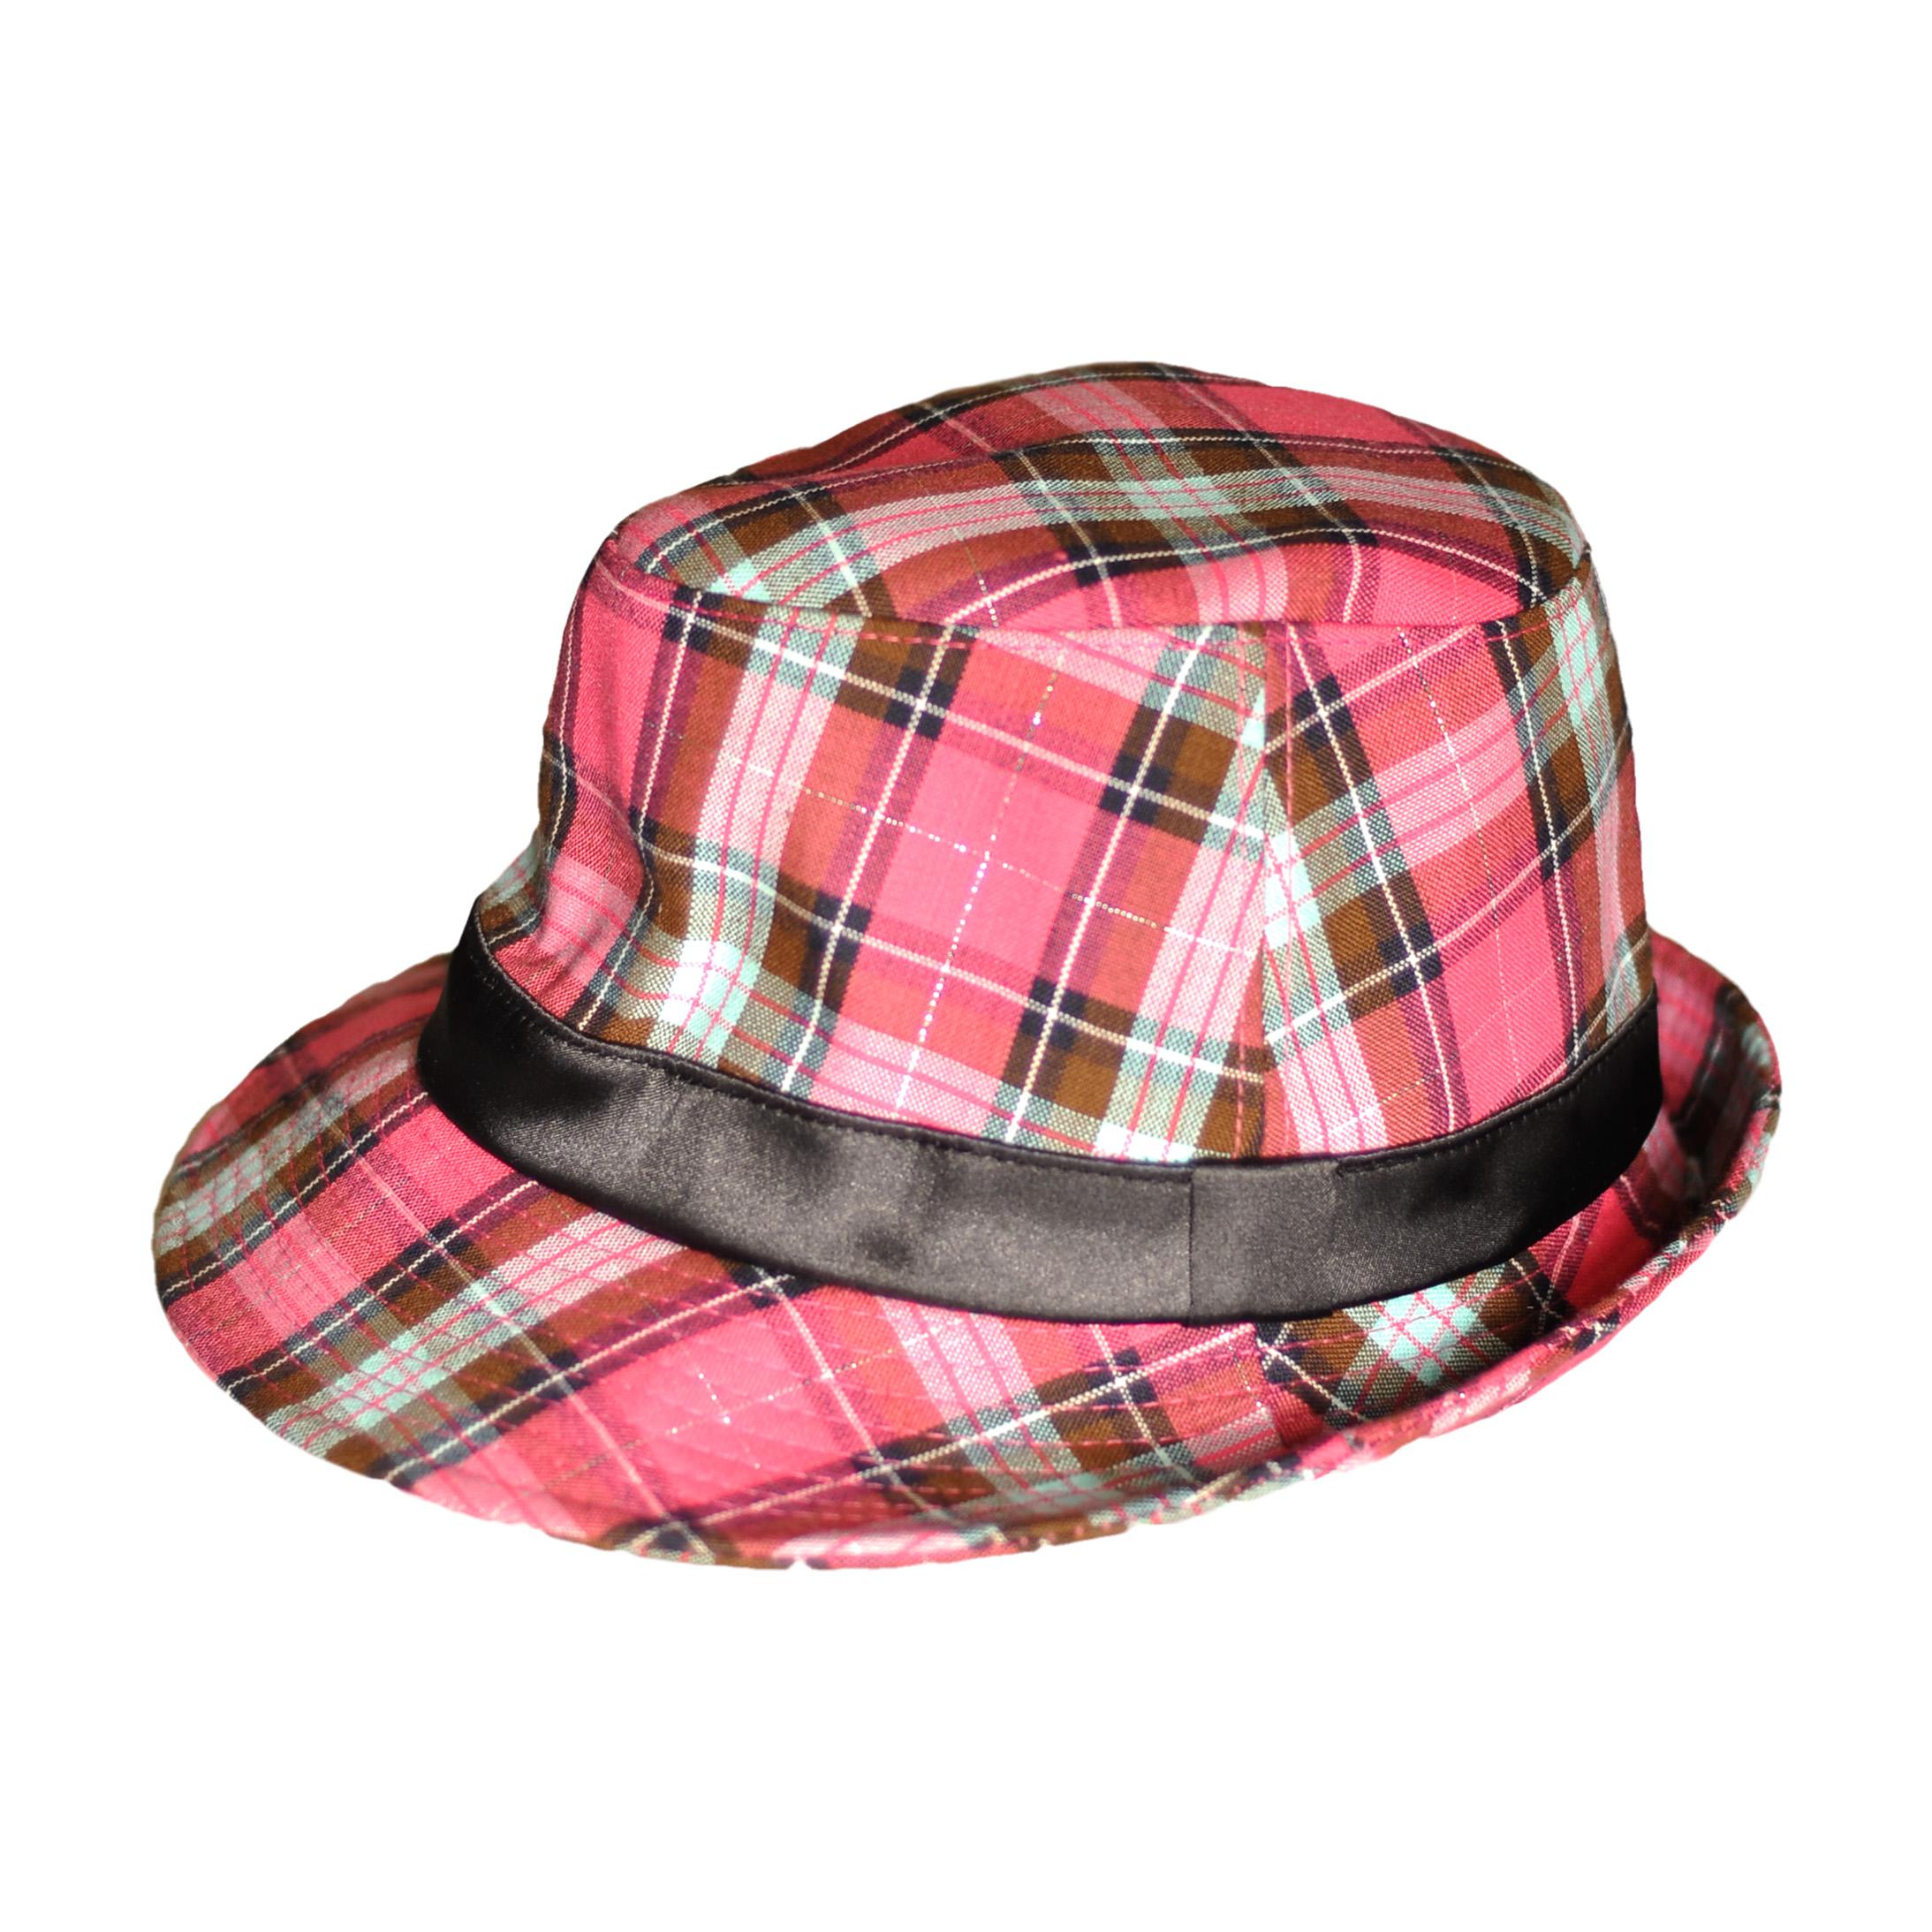 کلاه شاپو کد 434